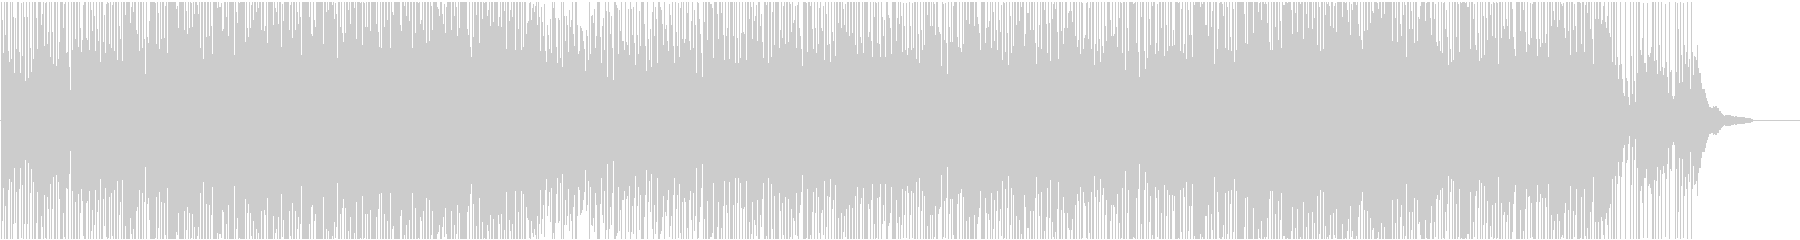 企業VPや映像に フュージョン系バンド風の未再生の波形